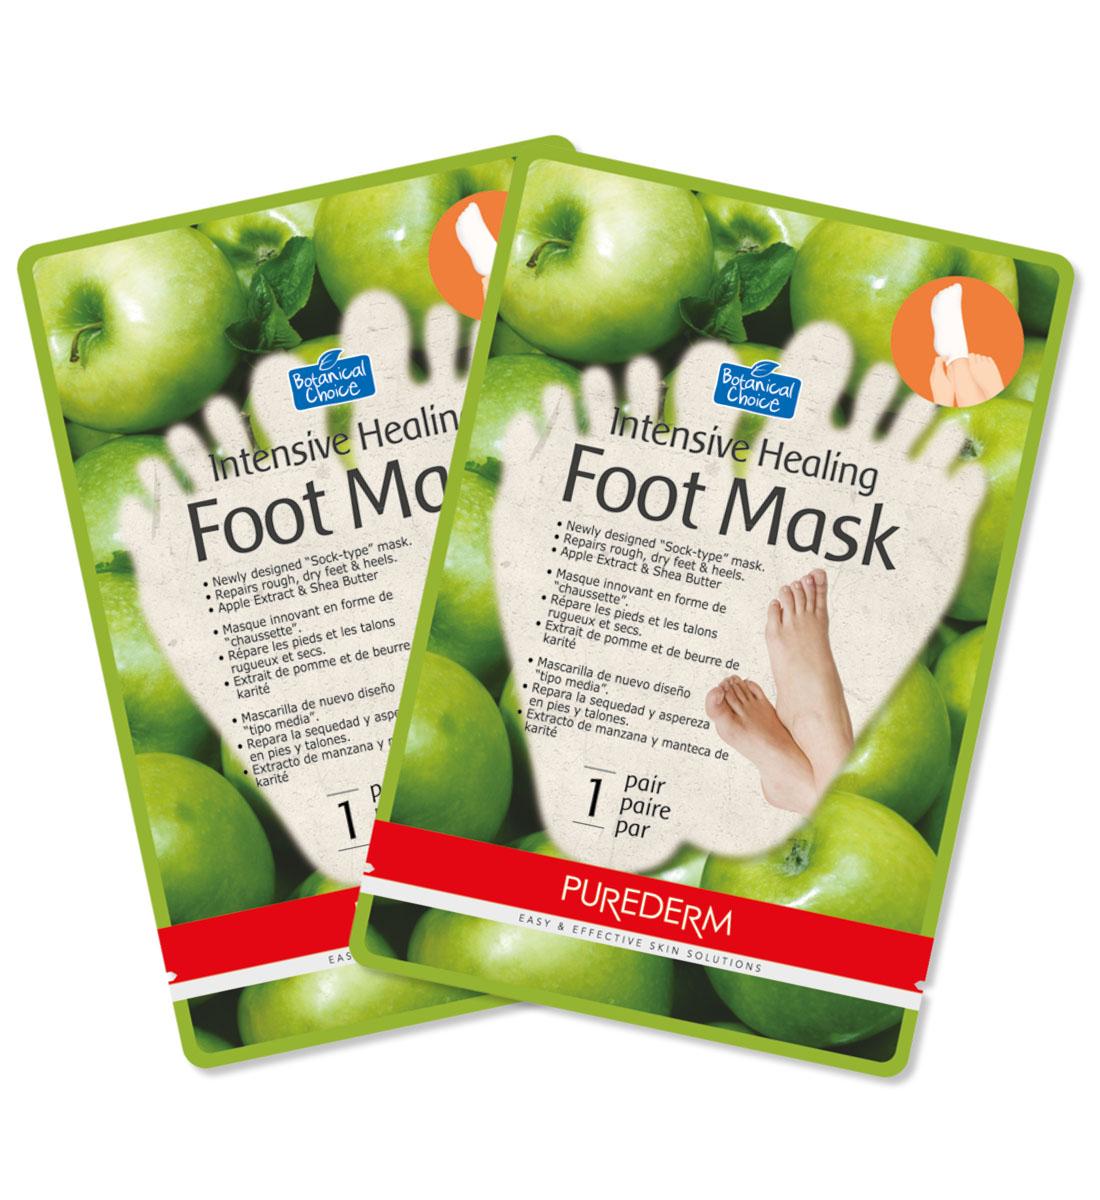 Purederm Интенсивная восстанавливающая маска для ног, 2 штFS-00897Интенсивная маска в форме носочков, восстанавливает сухую и огрубевшую кожу ног. Входящие в состав смягчающее масло Ши, экстракт яблока и перечная мята, а также другие восстанавливающие компоненты разглаживают, смягчают и восстанавливают сухую, потрескавшуюся кожу ступней и пяток, интенсивно улучшая их внешний вид. Маска для ног увлажняет и заживляет поврежденные участки кожи, интенсивно и ухаживает за огрубевшей и мозолистой кожей ног и пяток. Система 2 в 1 (маска + носочки) усиливает глубину проникновения компонентов за счет термоэффекта, что позволяет достичь наилучшего результата.